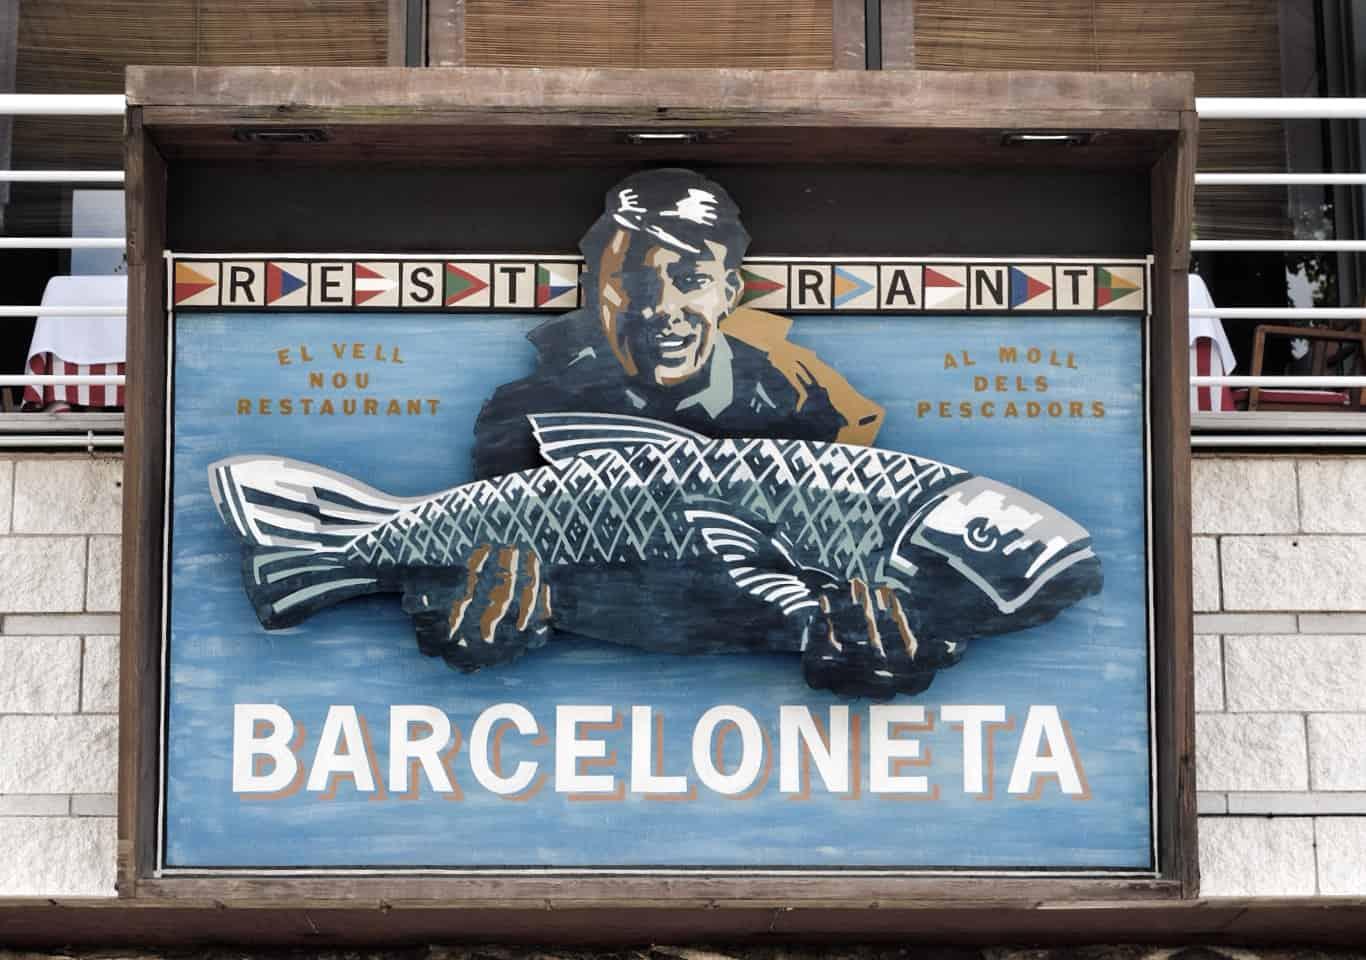 Restaurant Barceloneta, Barcelona